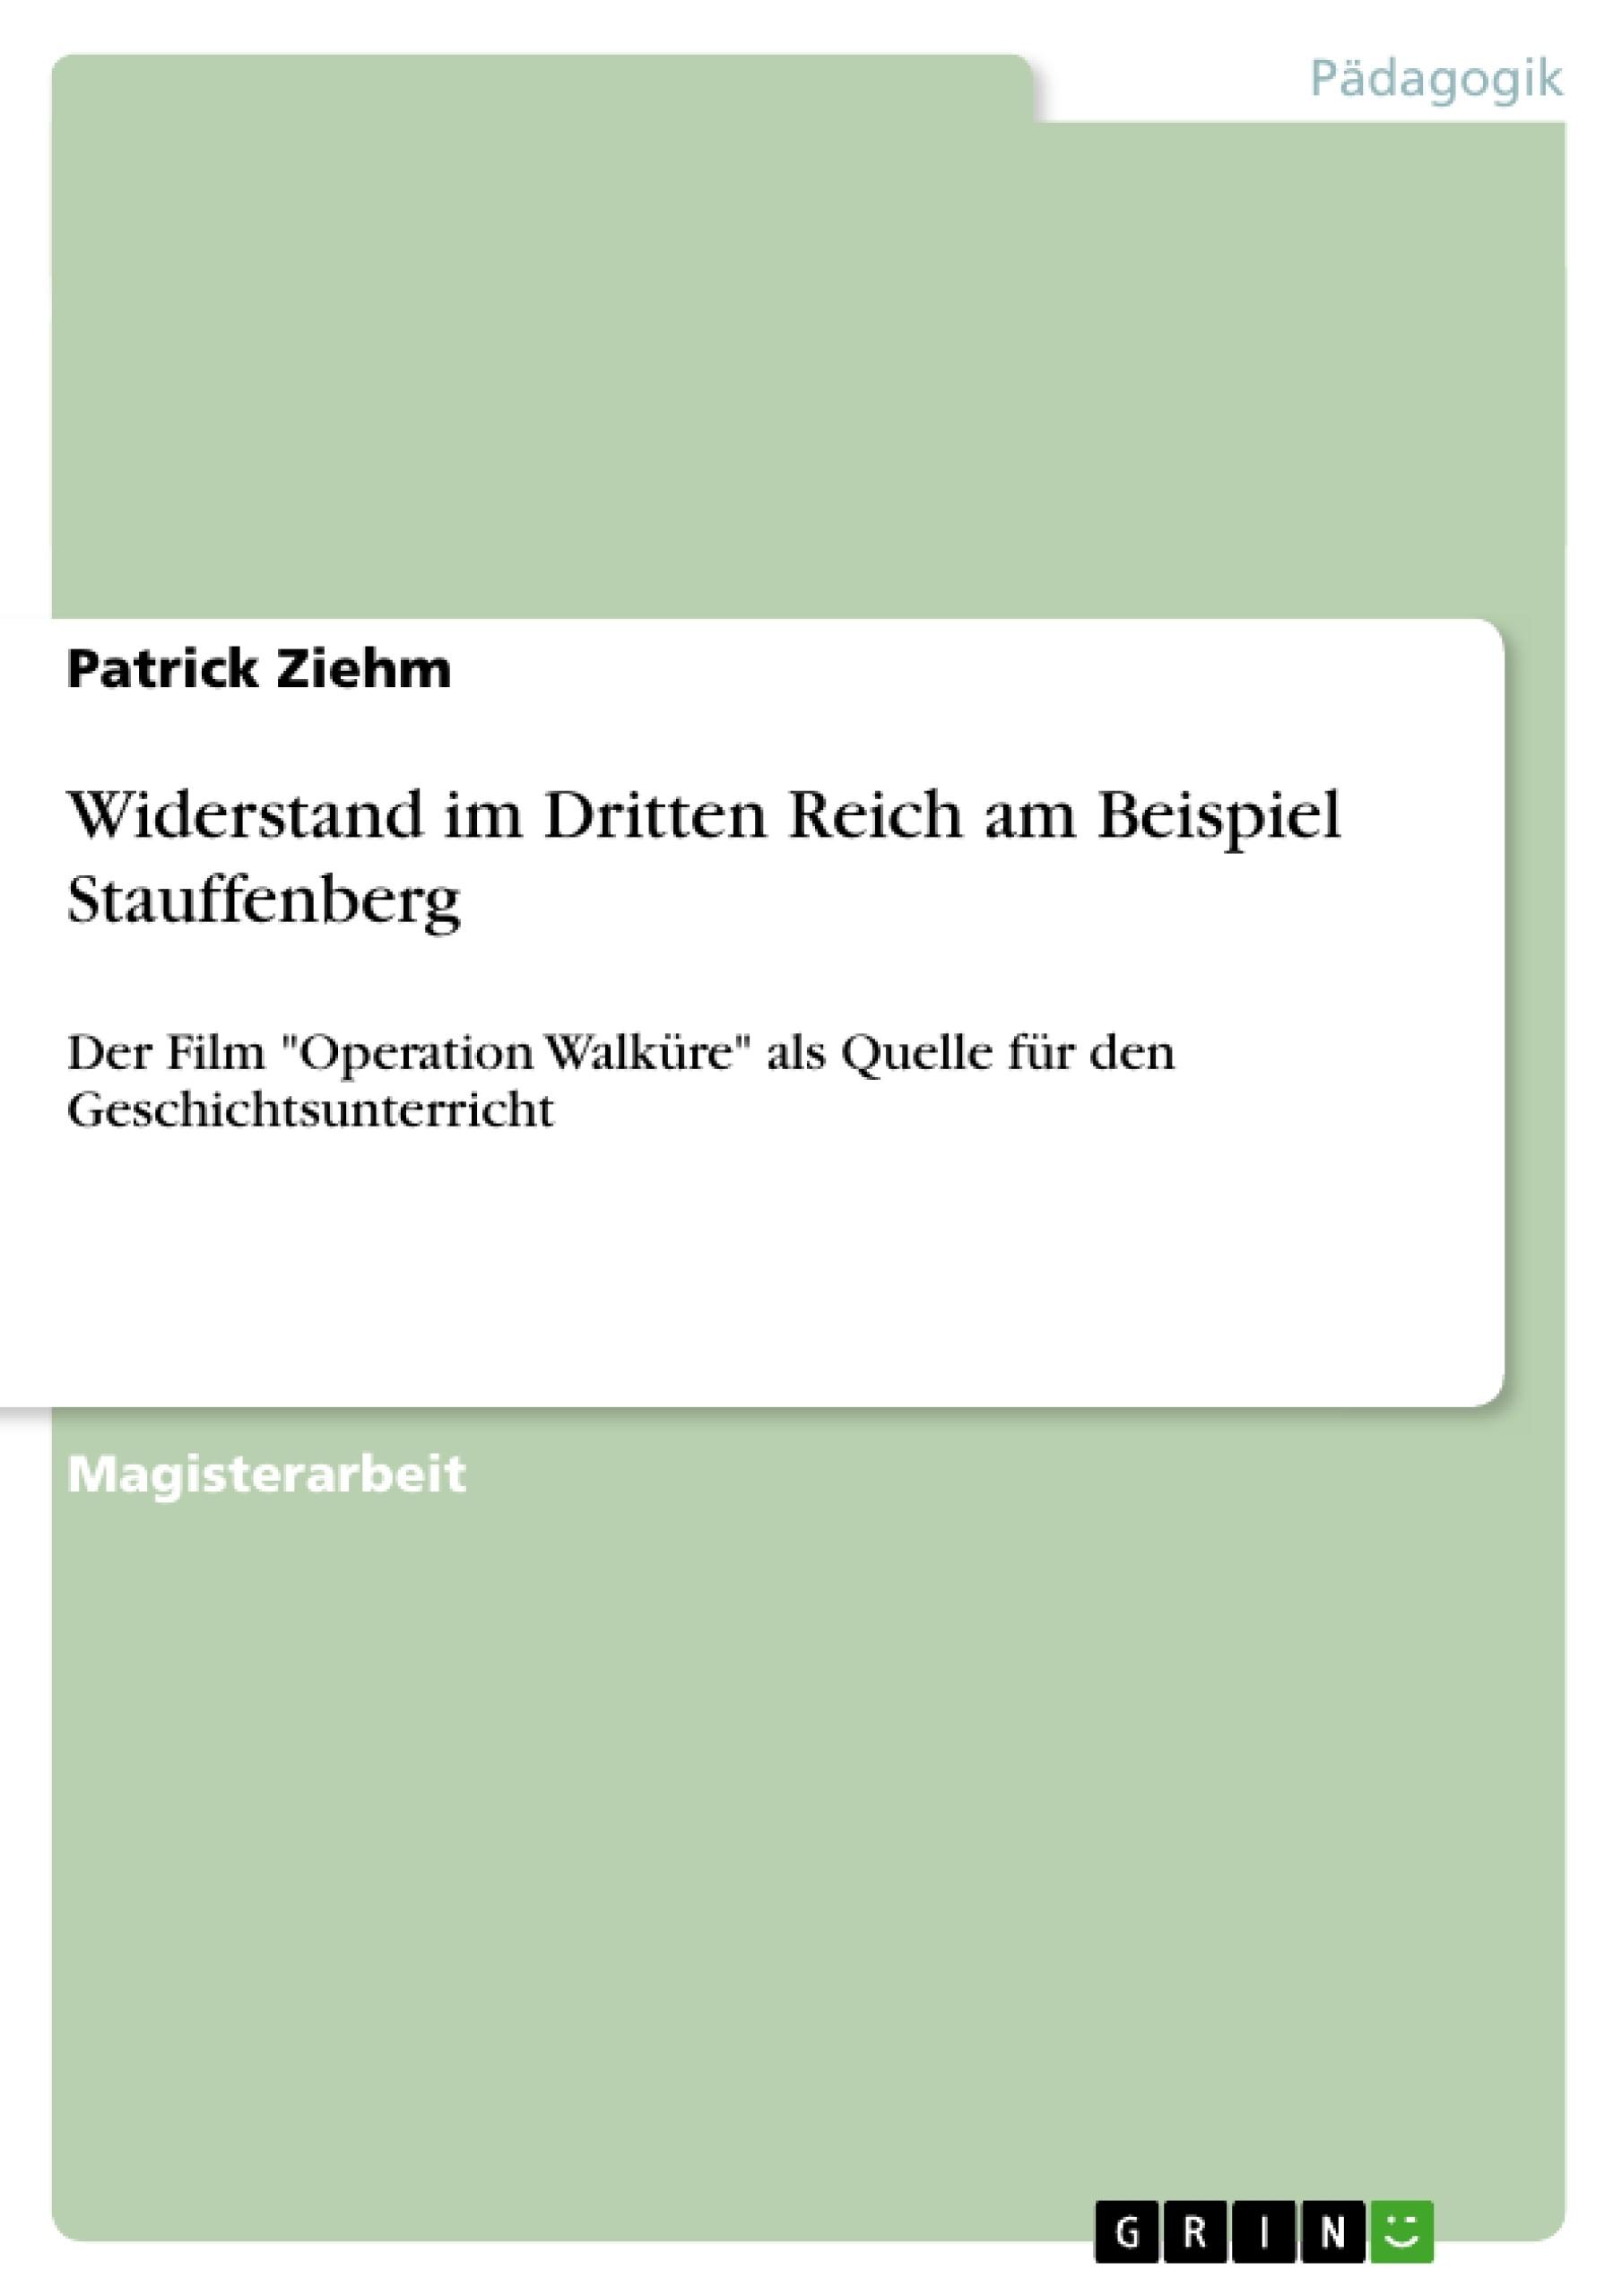 Titel: Widerstand im Dritten Reich am Beispiel Stauffenberg